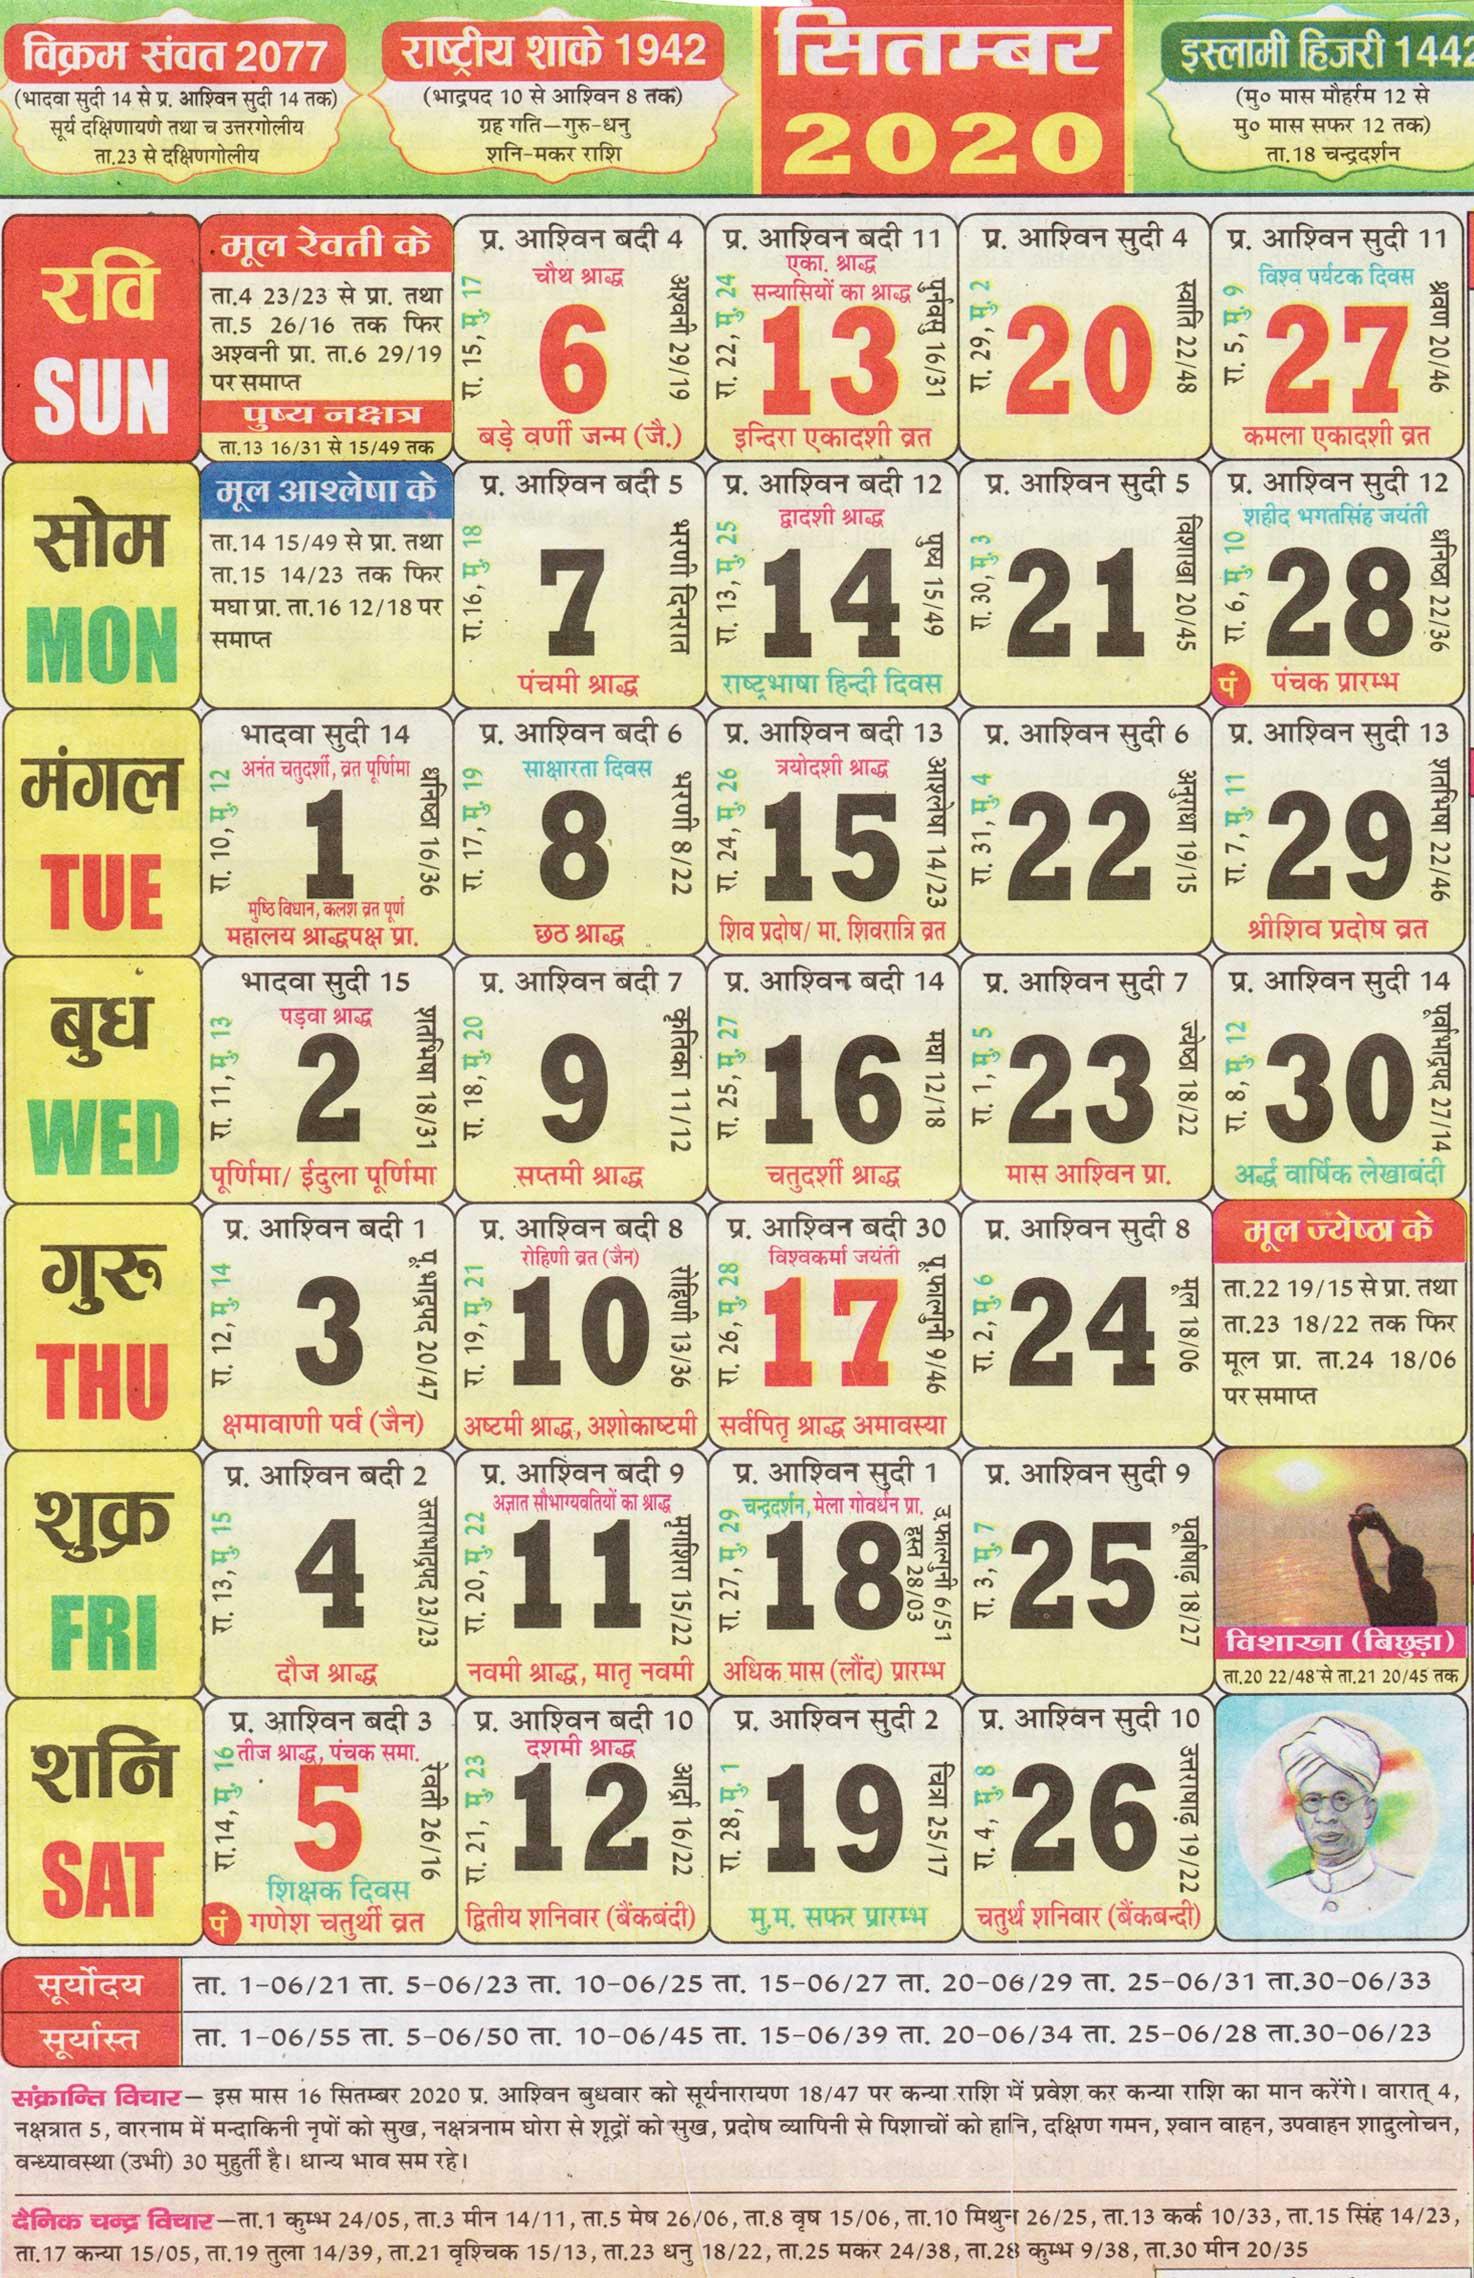 優雅 Calendar 2019 September Hindi  ジャトガヤマ in Khalsa Heera Jantri 2021 Pdf